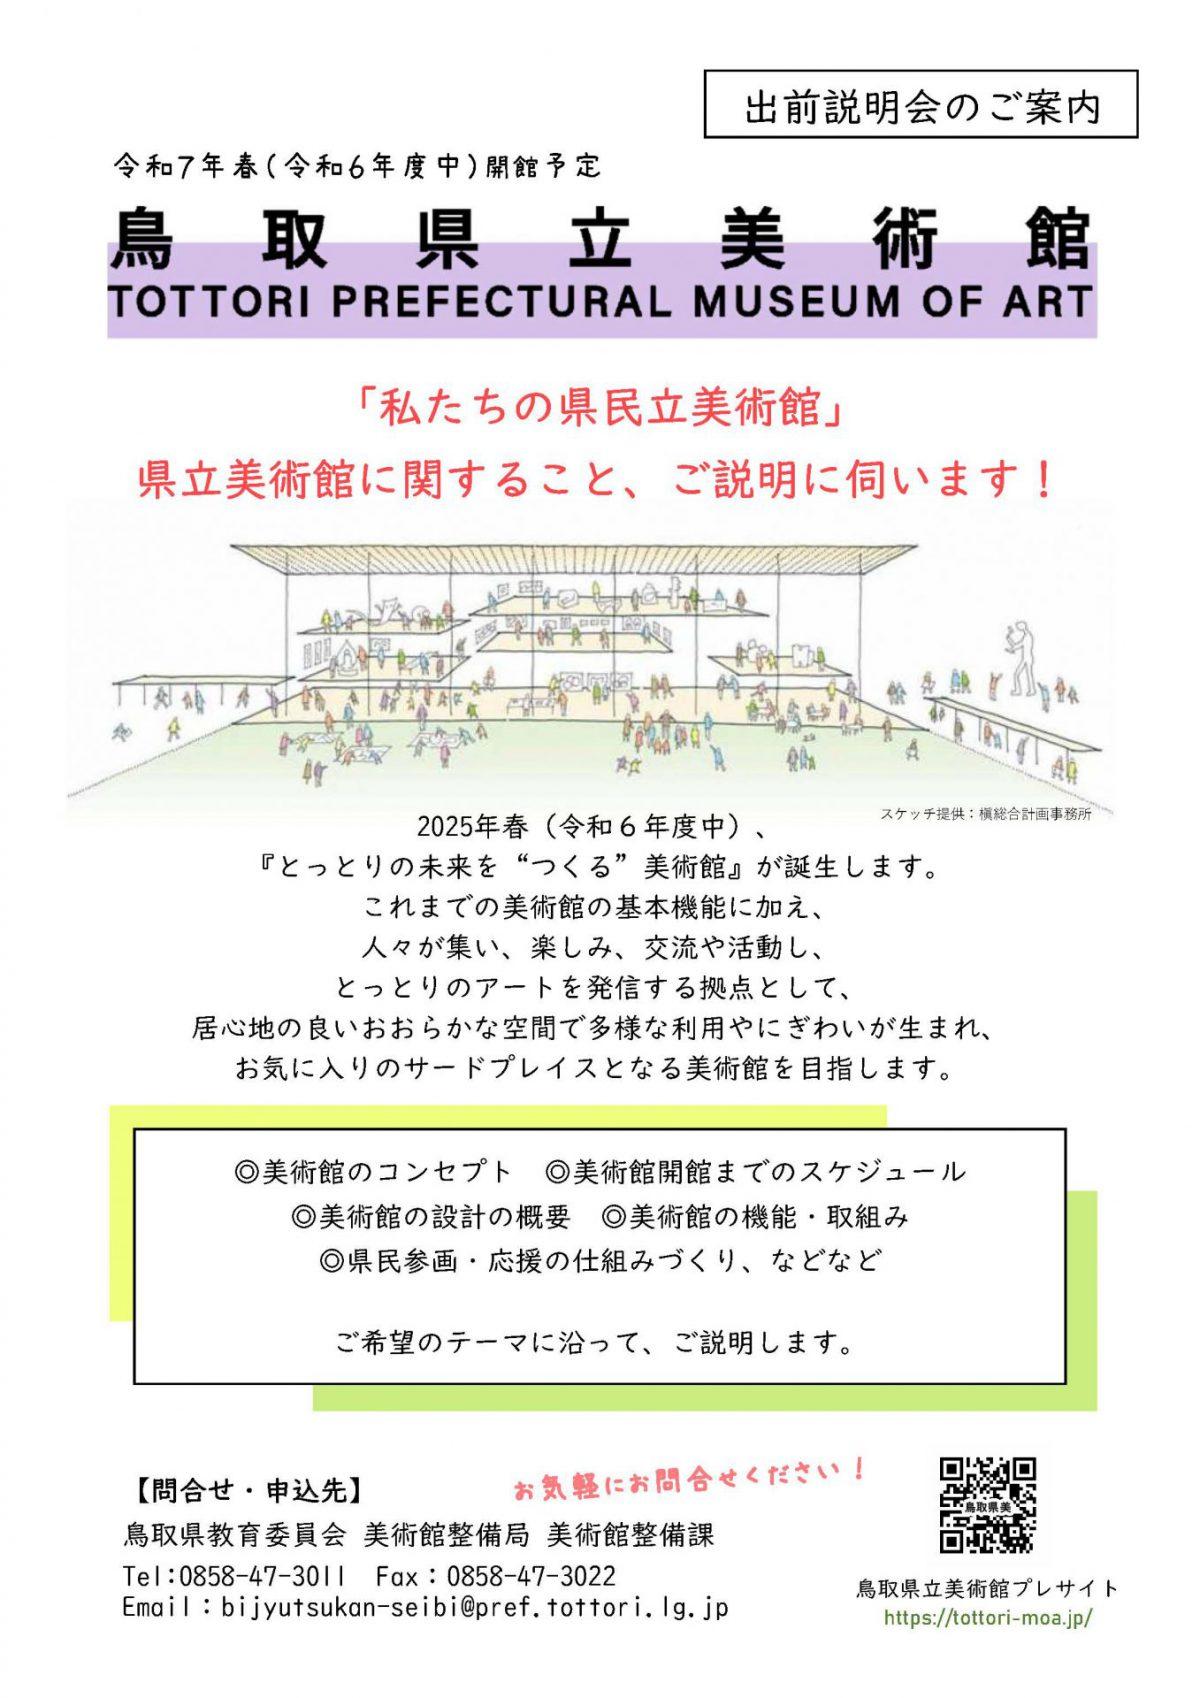 demaesetsumeikai-1200x1698 【お知らせ】県立美術館の出前説明会、はじめています。